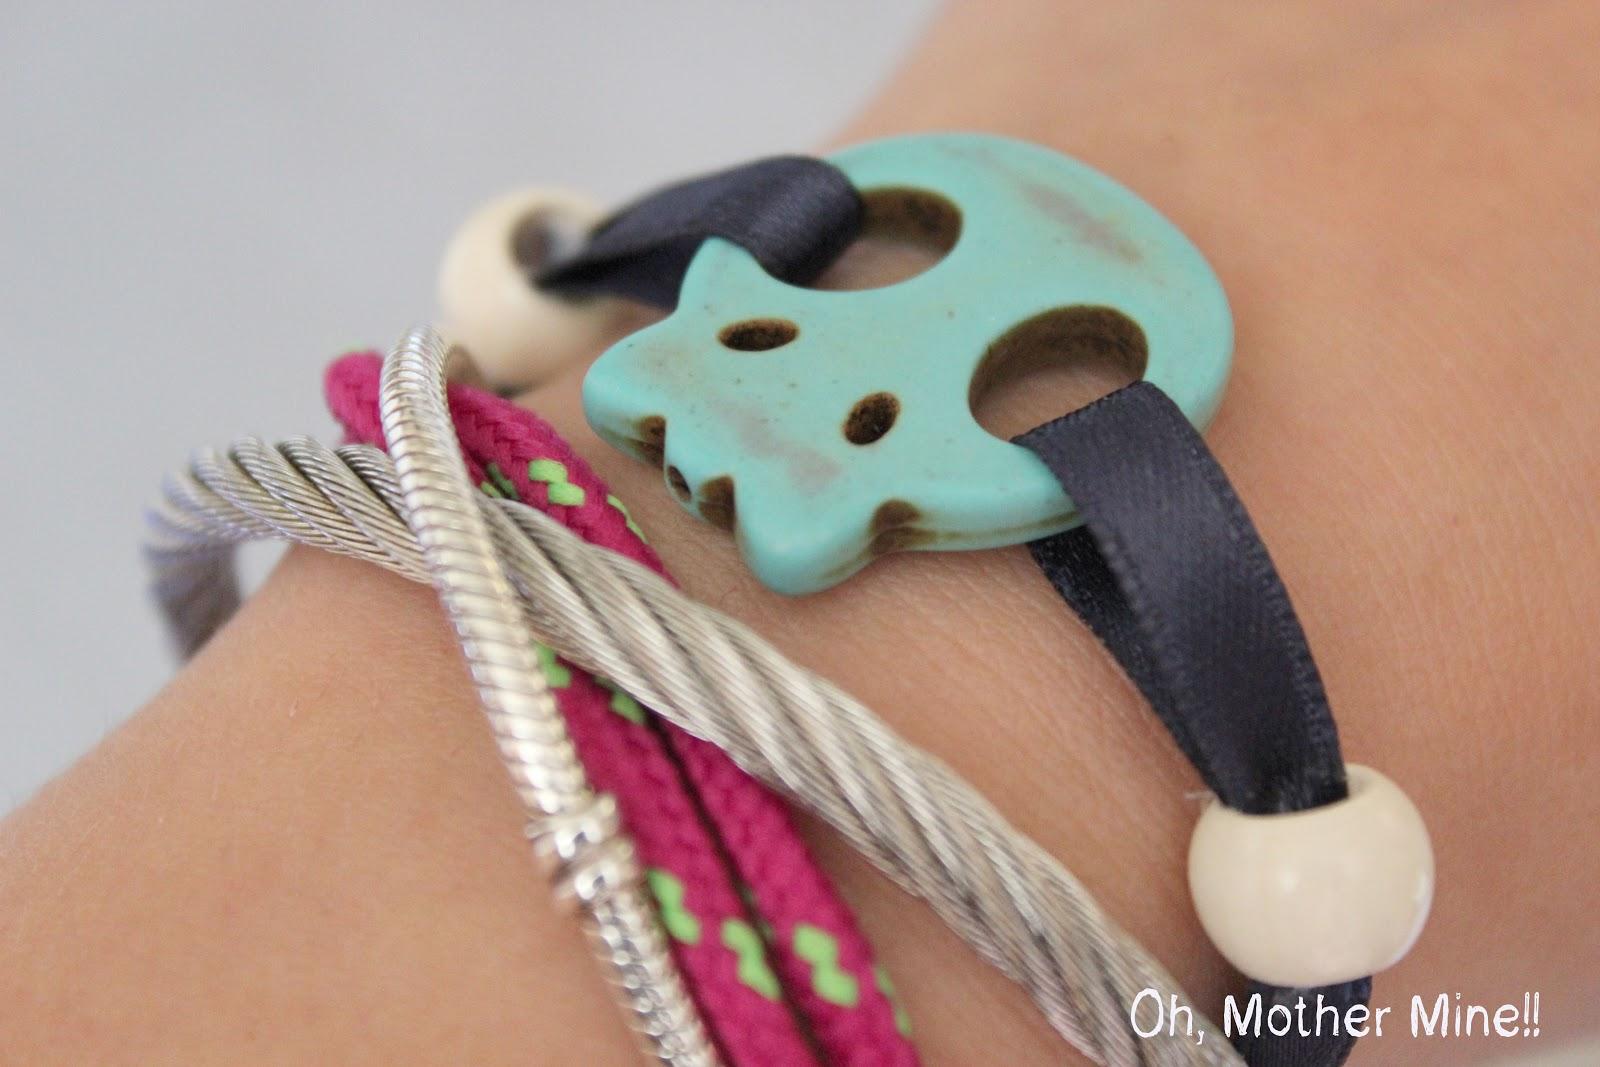 Cómo hacer pulseras DIY / How to make bracelets DIY